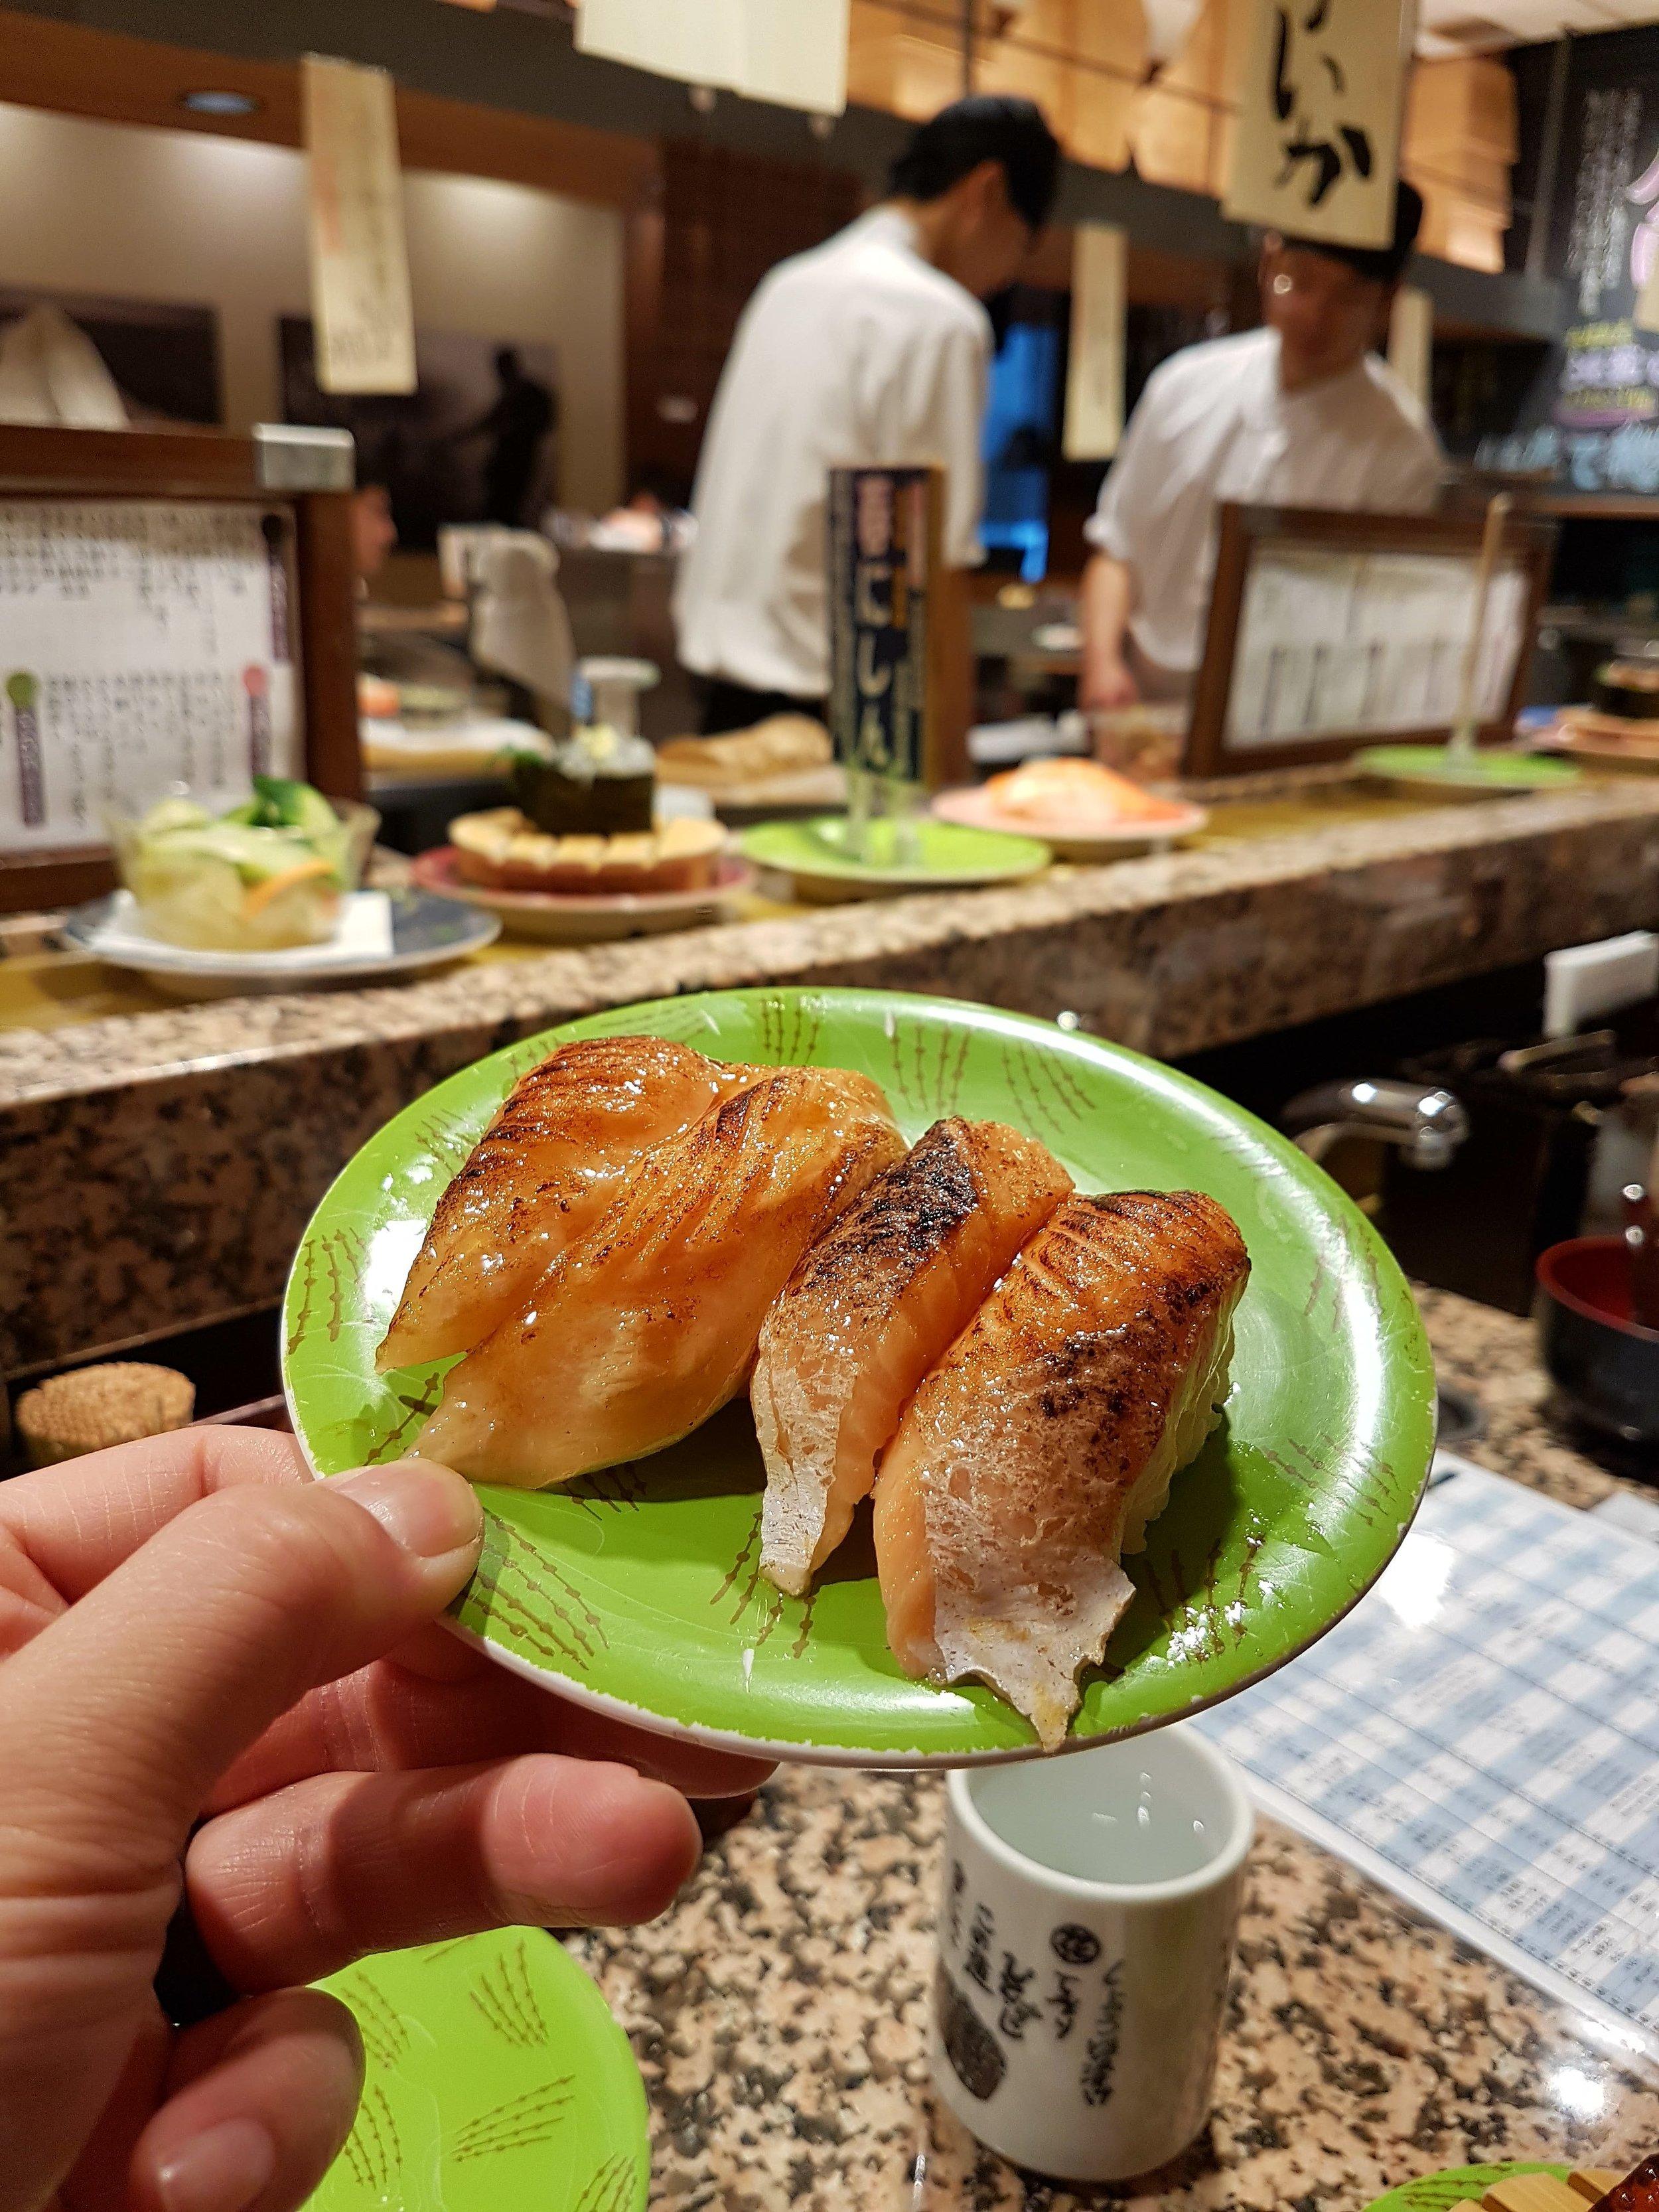 I love Aburi sushi especially at Conveyor Belt Sushi places!